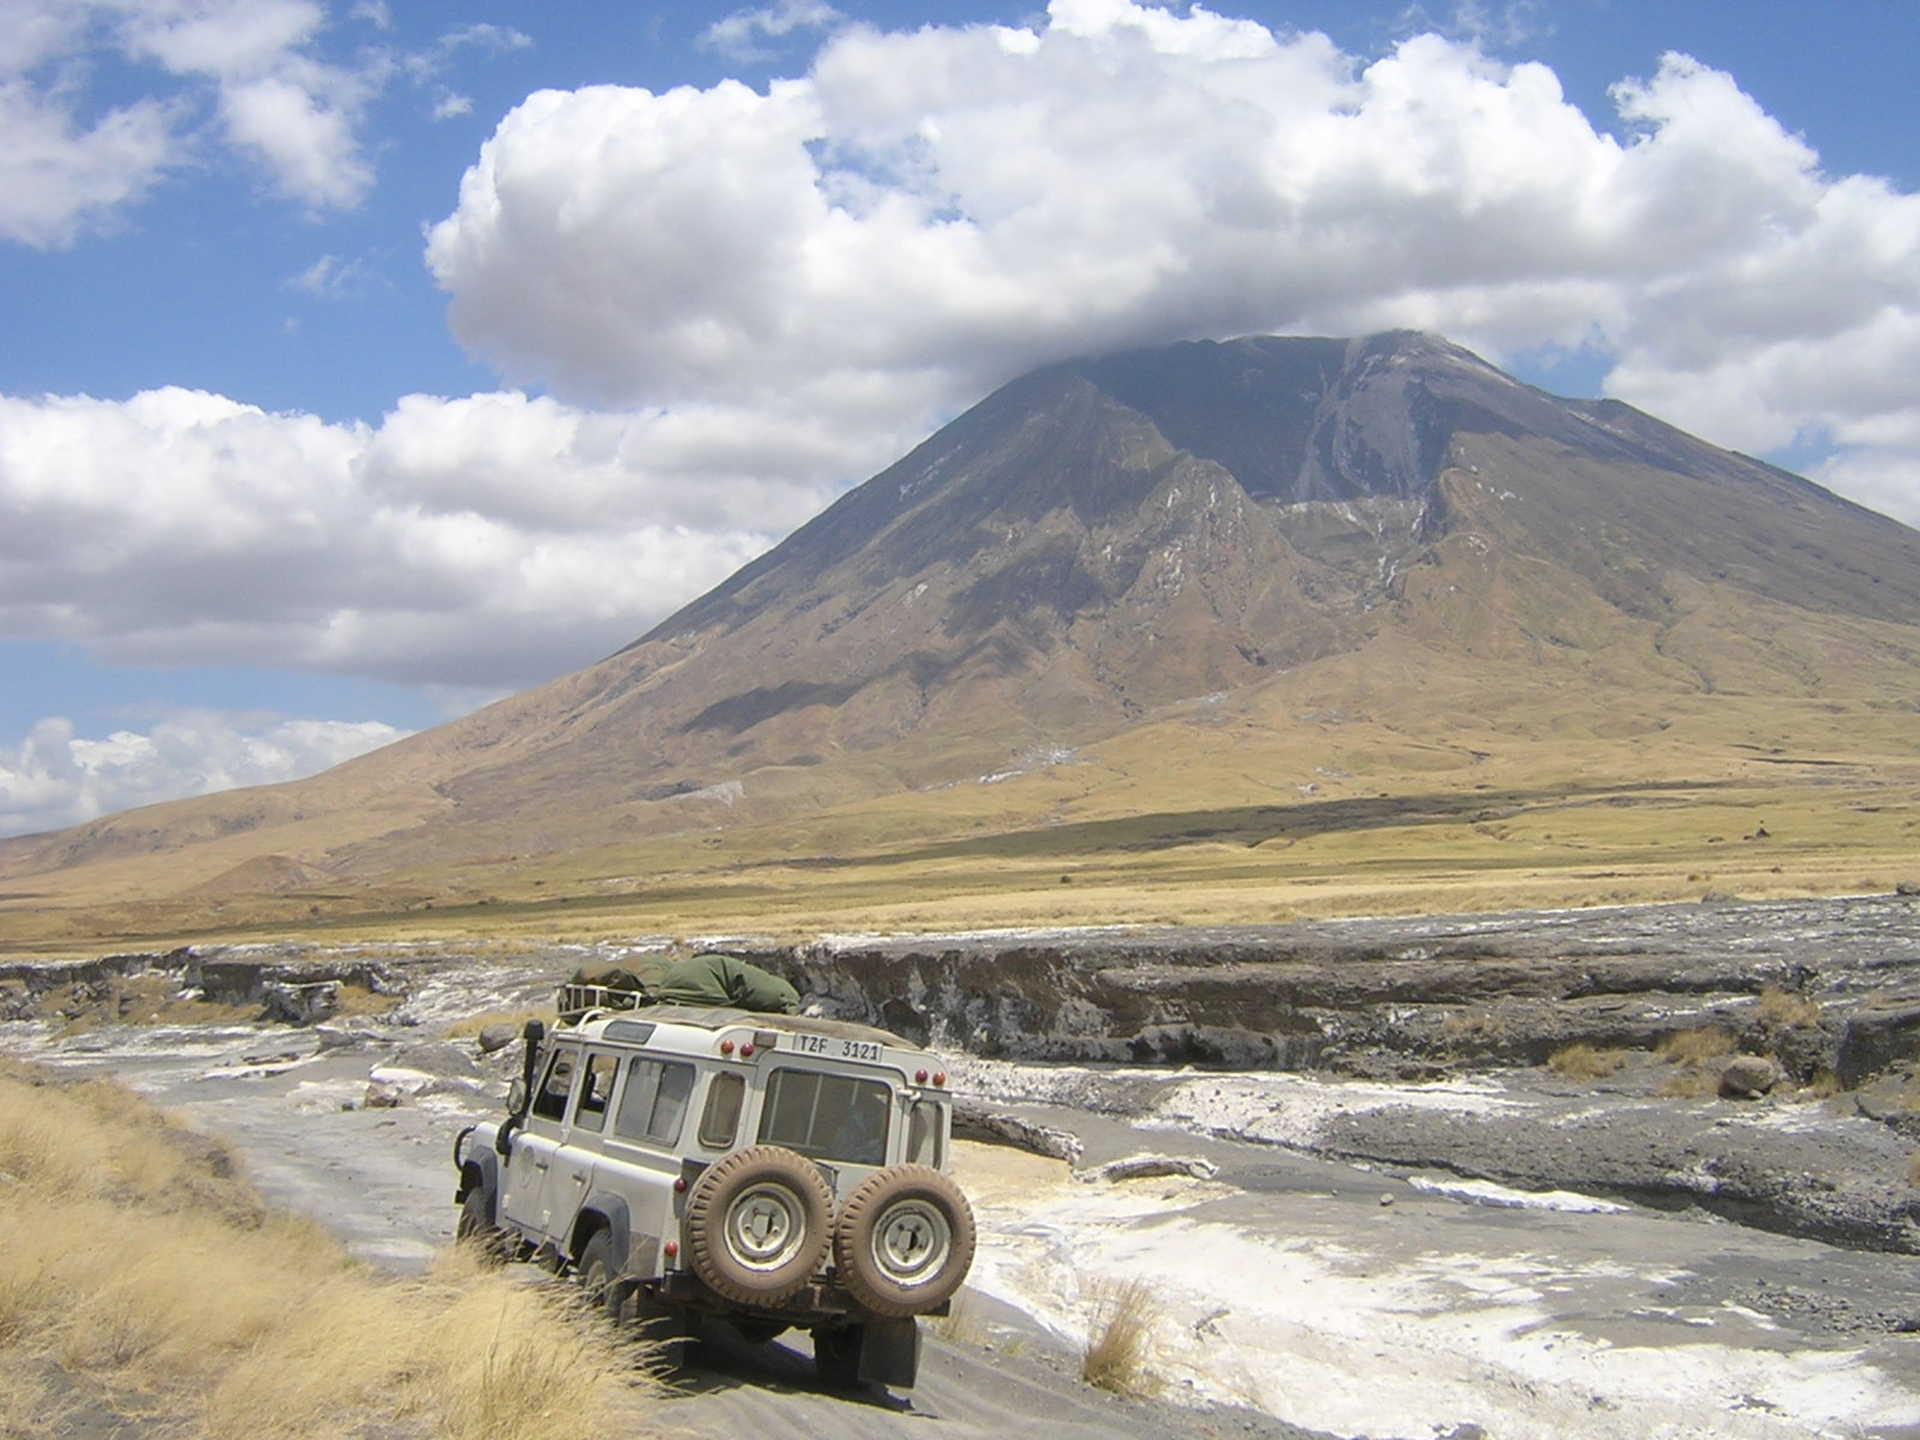 Expédition en 4x4 dans la vallée du Rift en Afrique